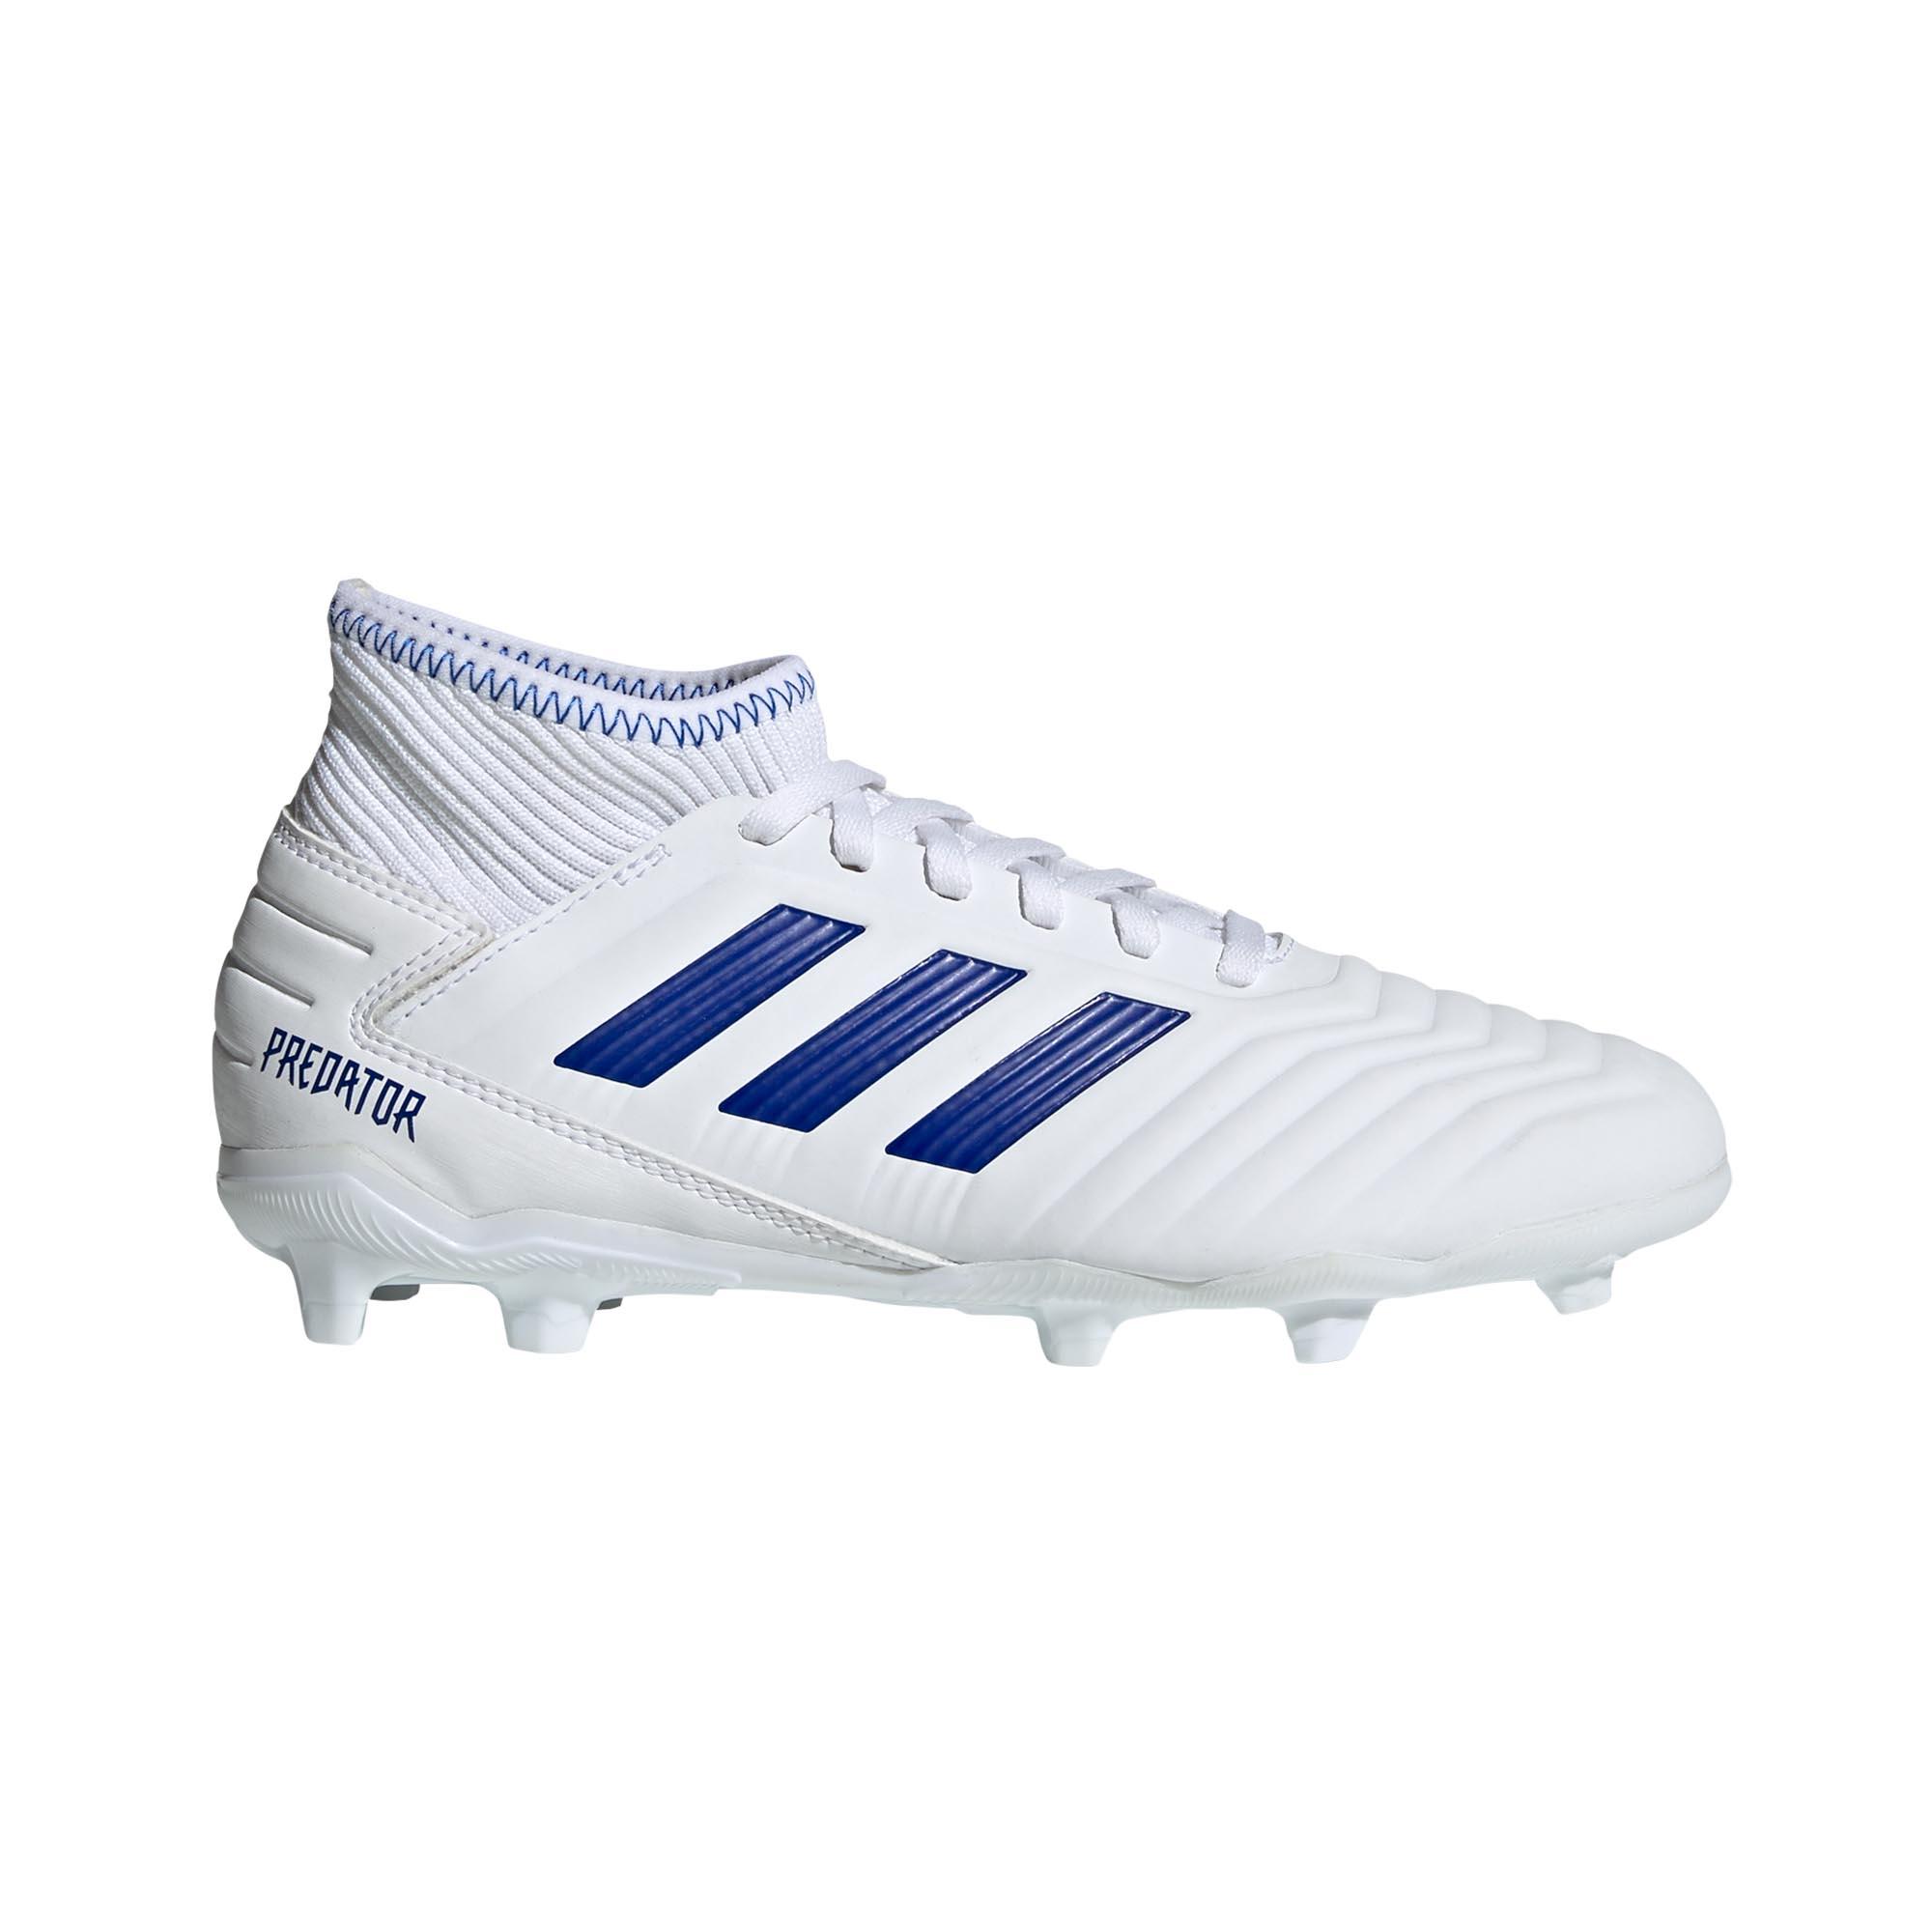 Adidas Predator 18+ Firm Ground Herren Gutschein Promo Code